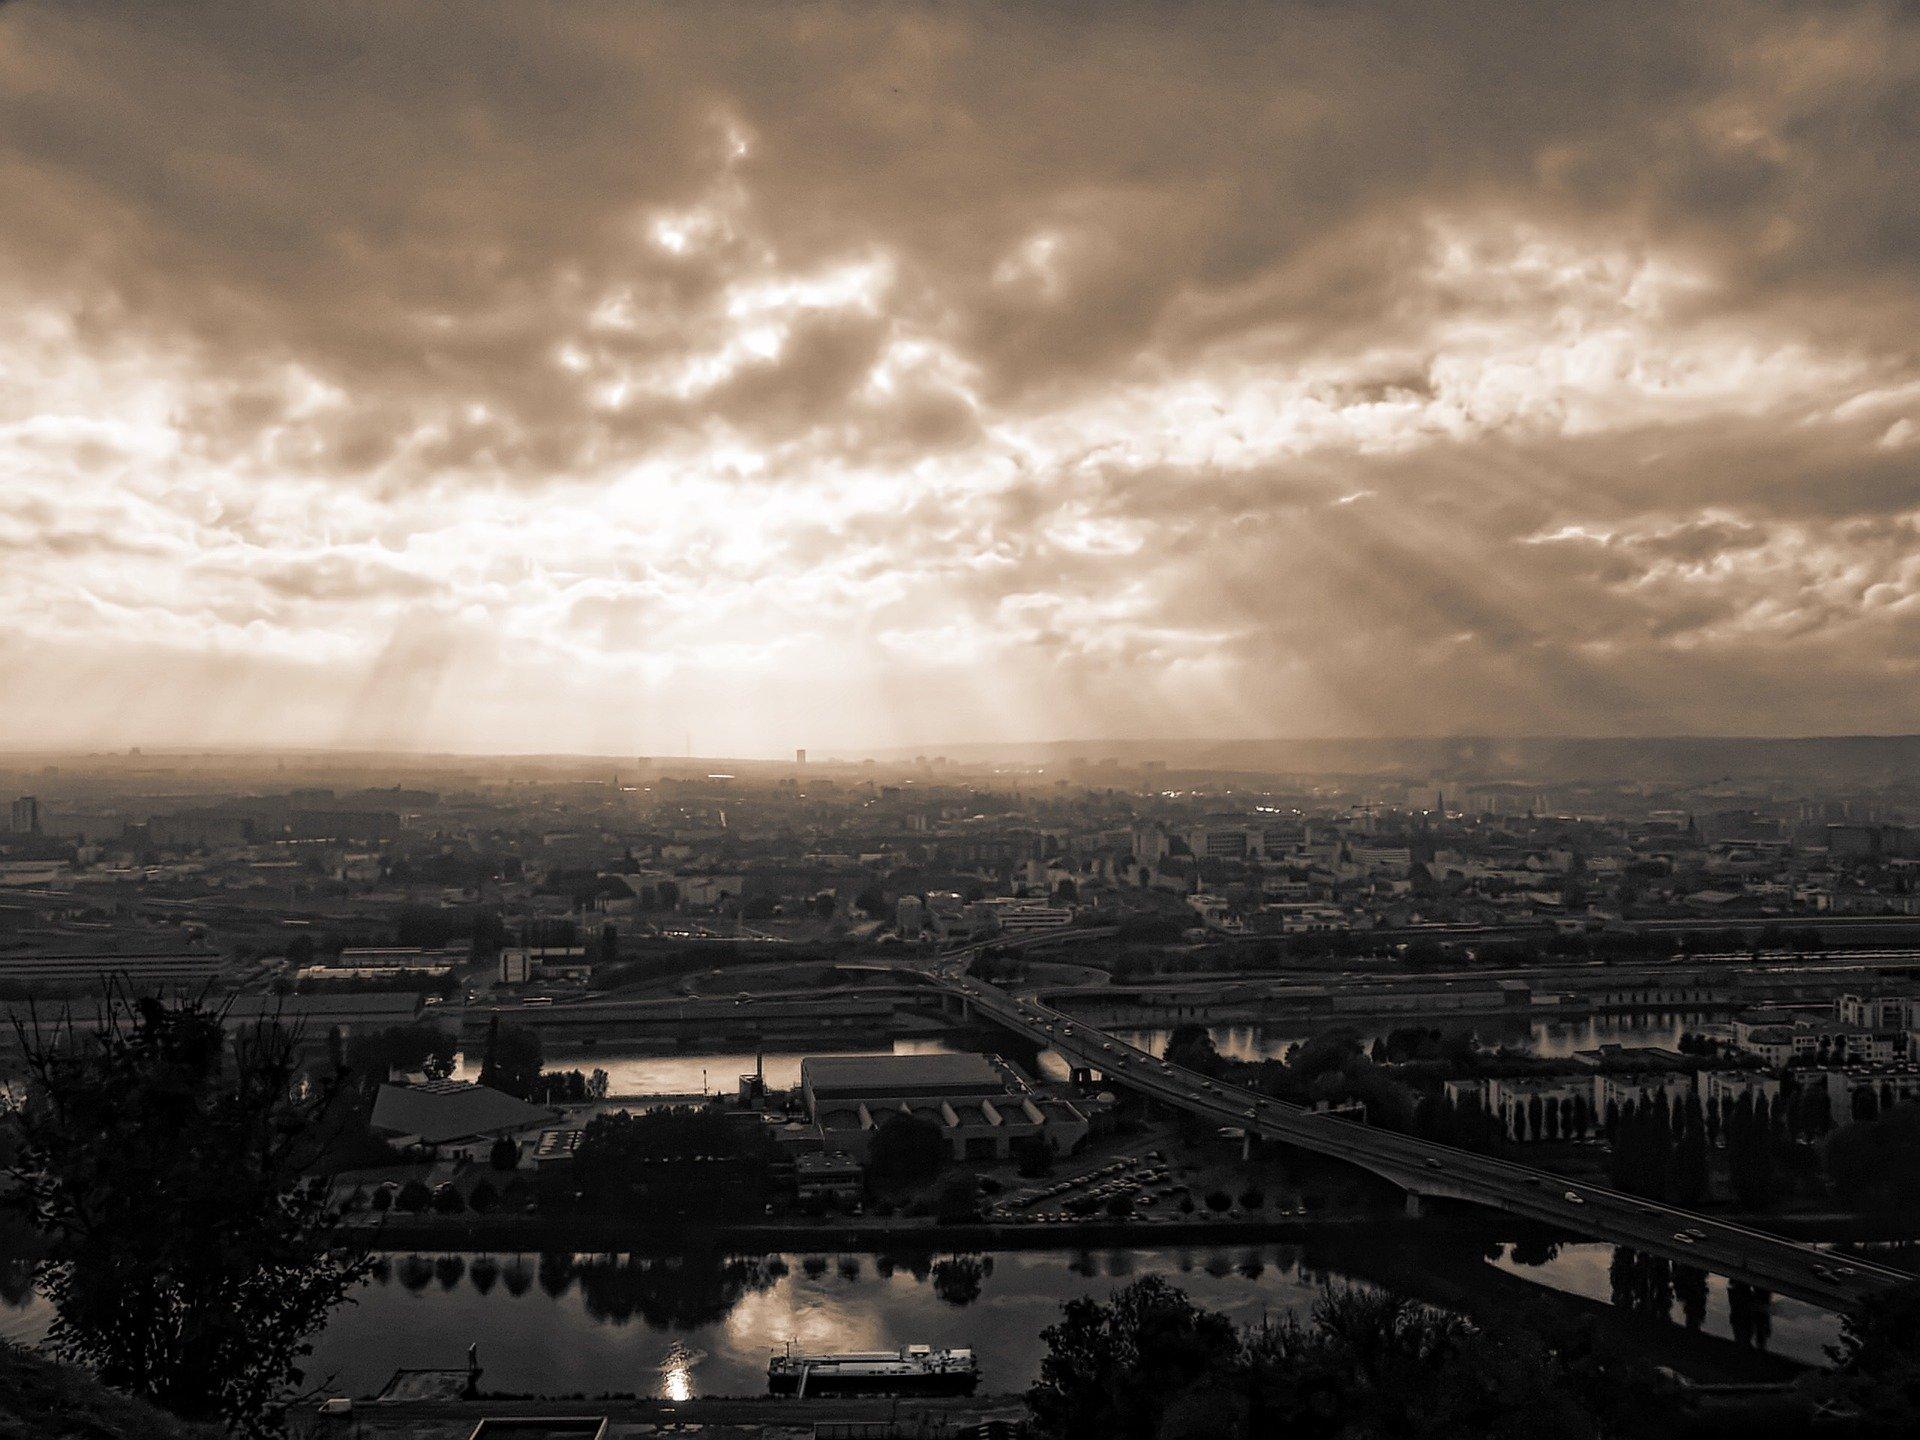 dusk-1581145_1920